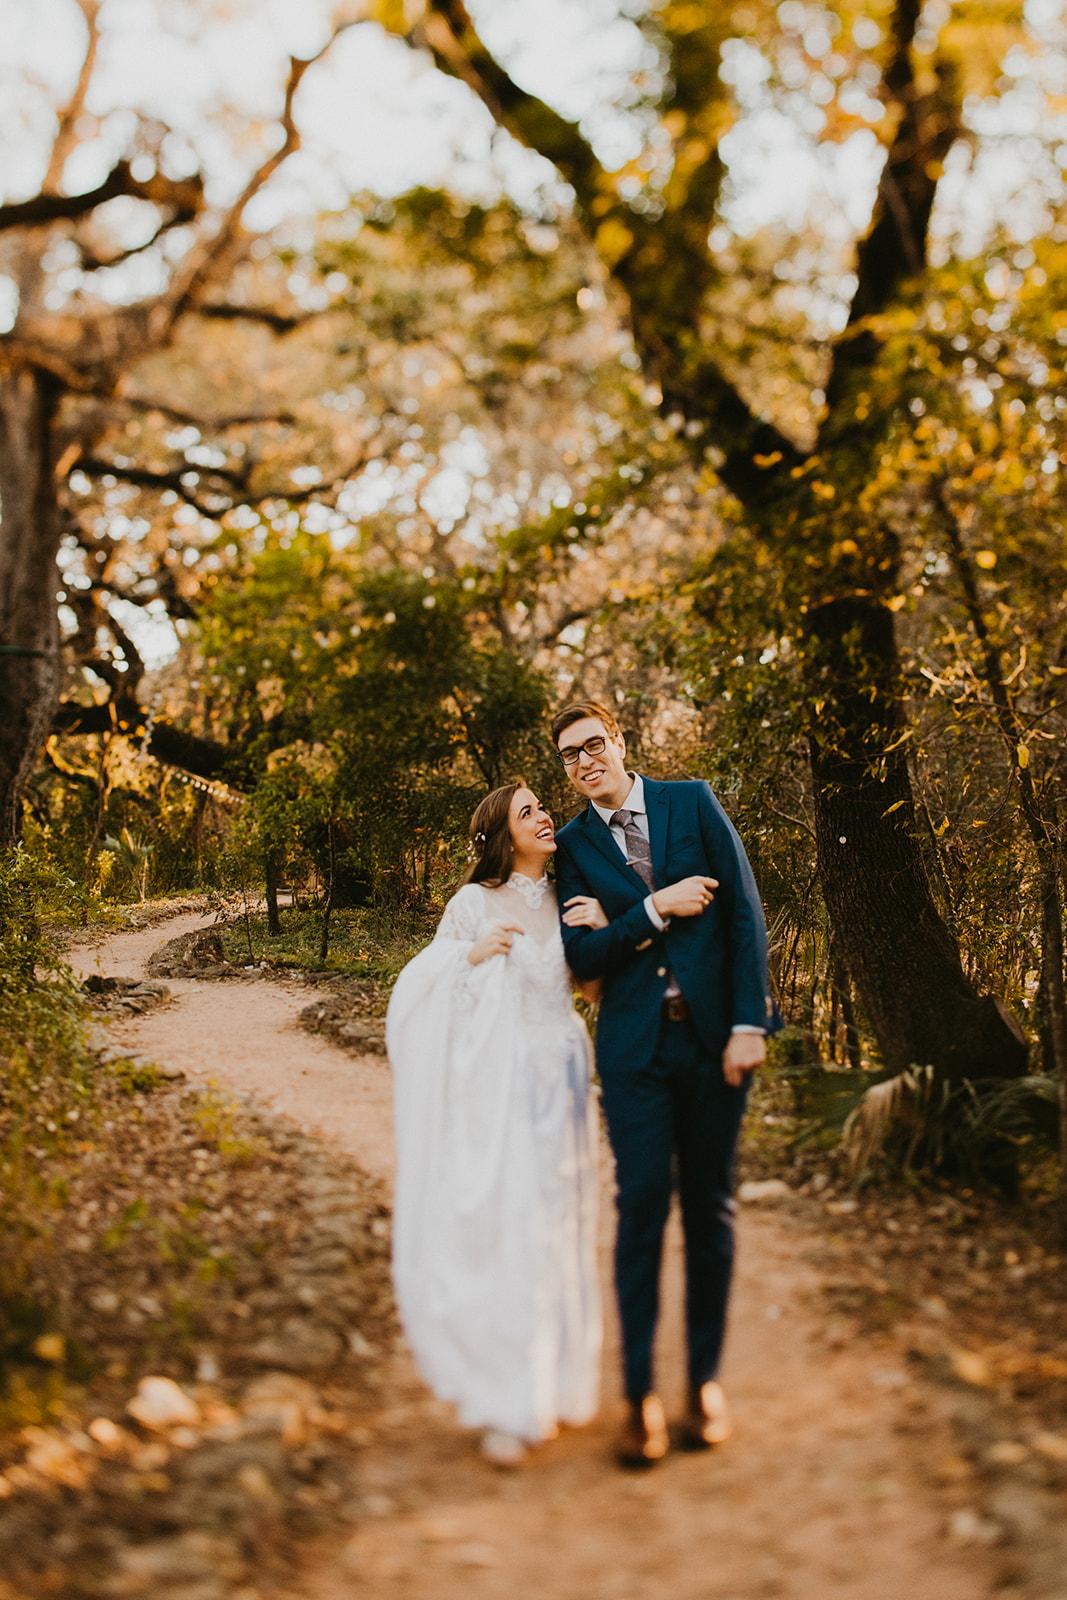 Drew & Allison First Look-140_websize.jpg